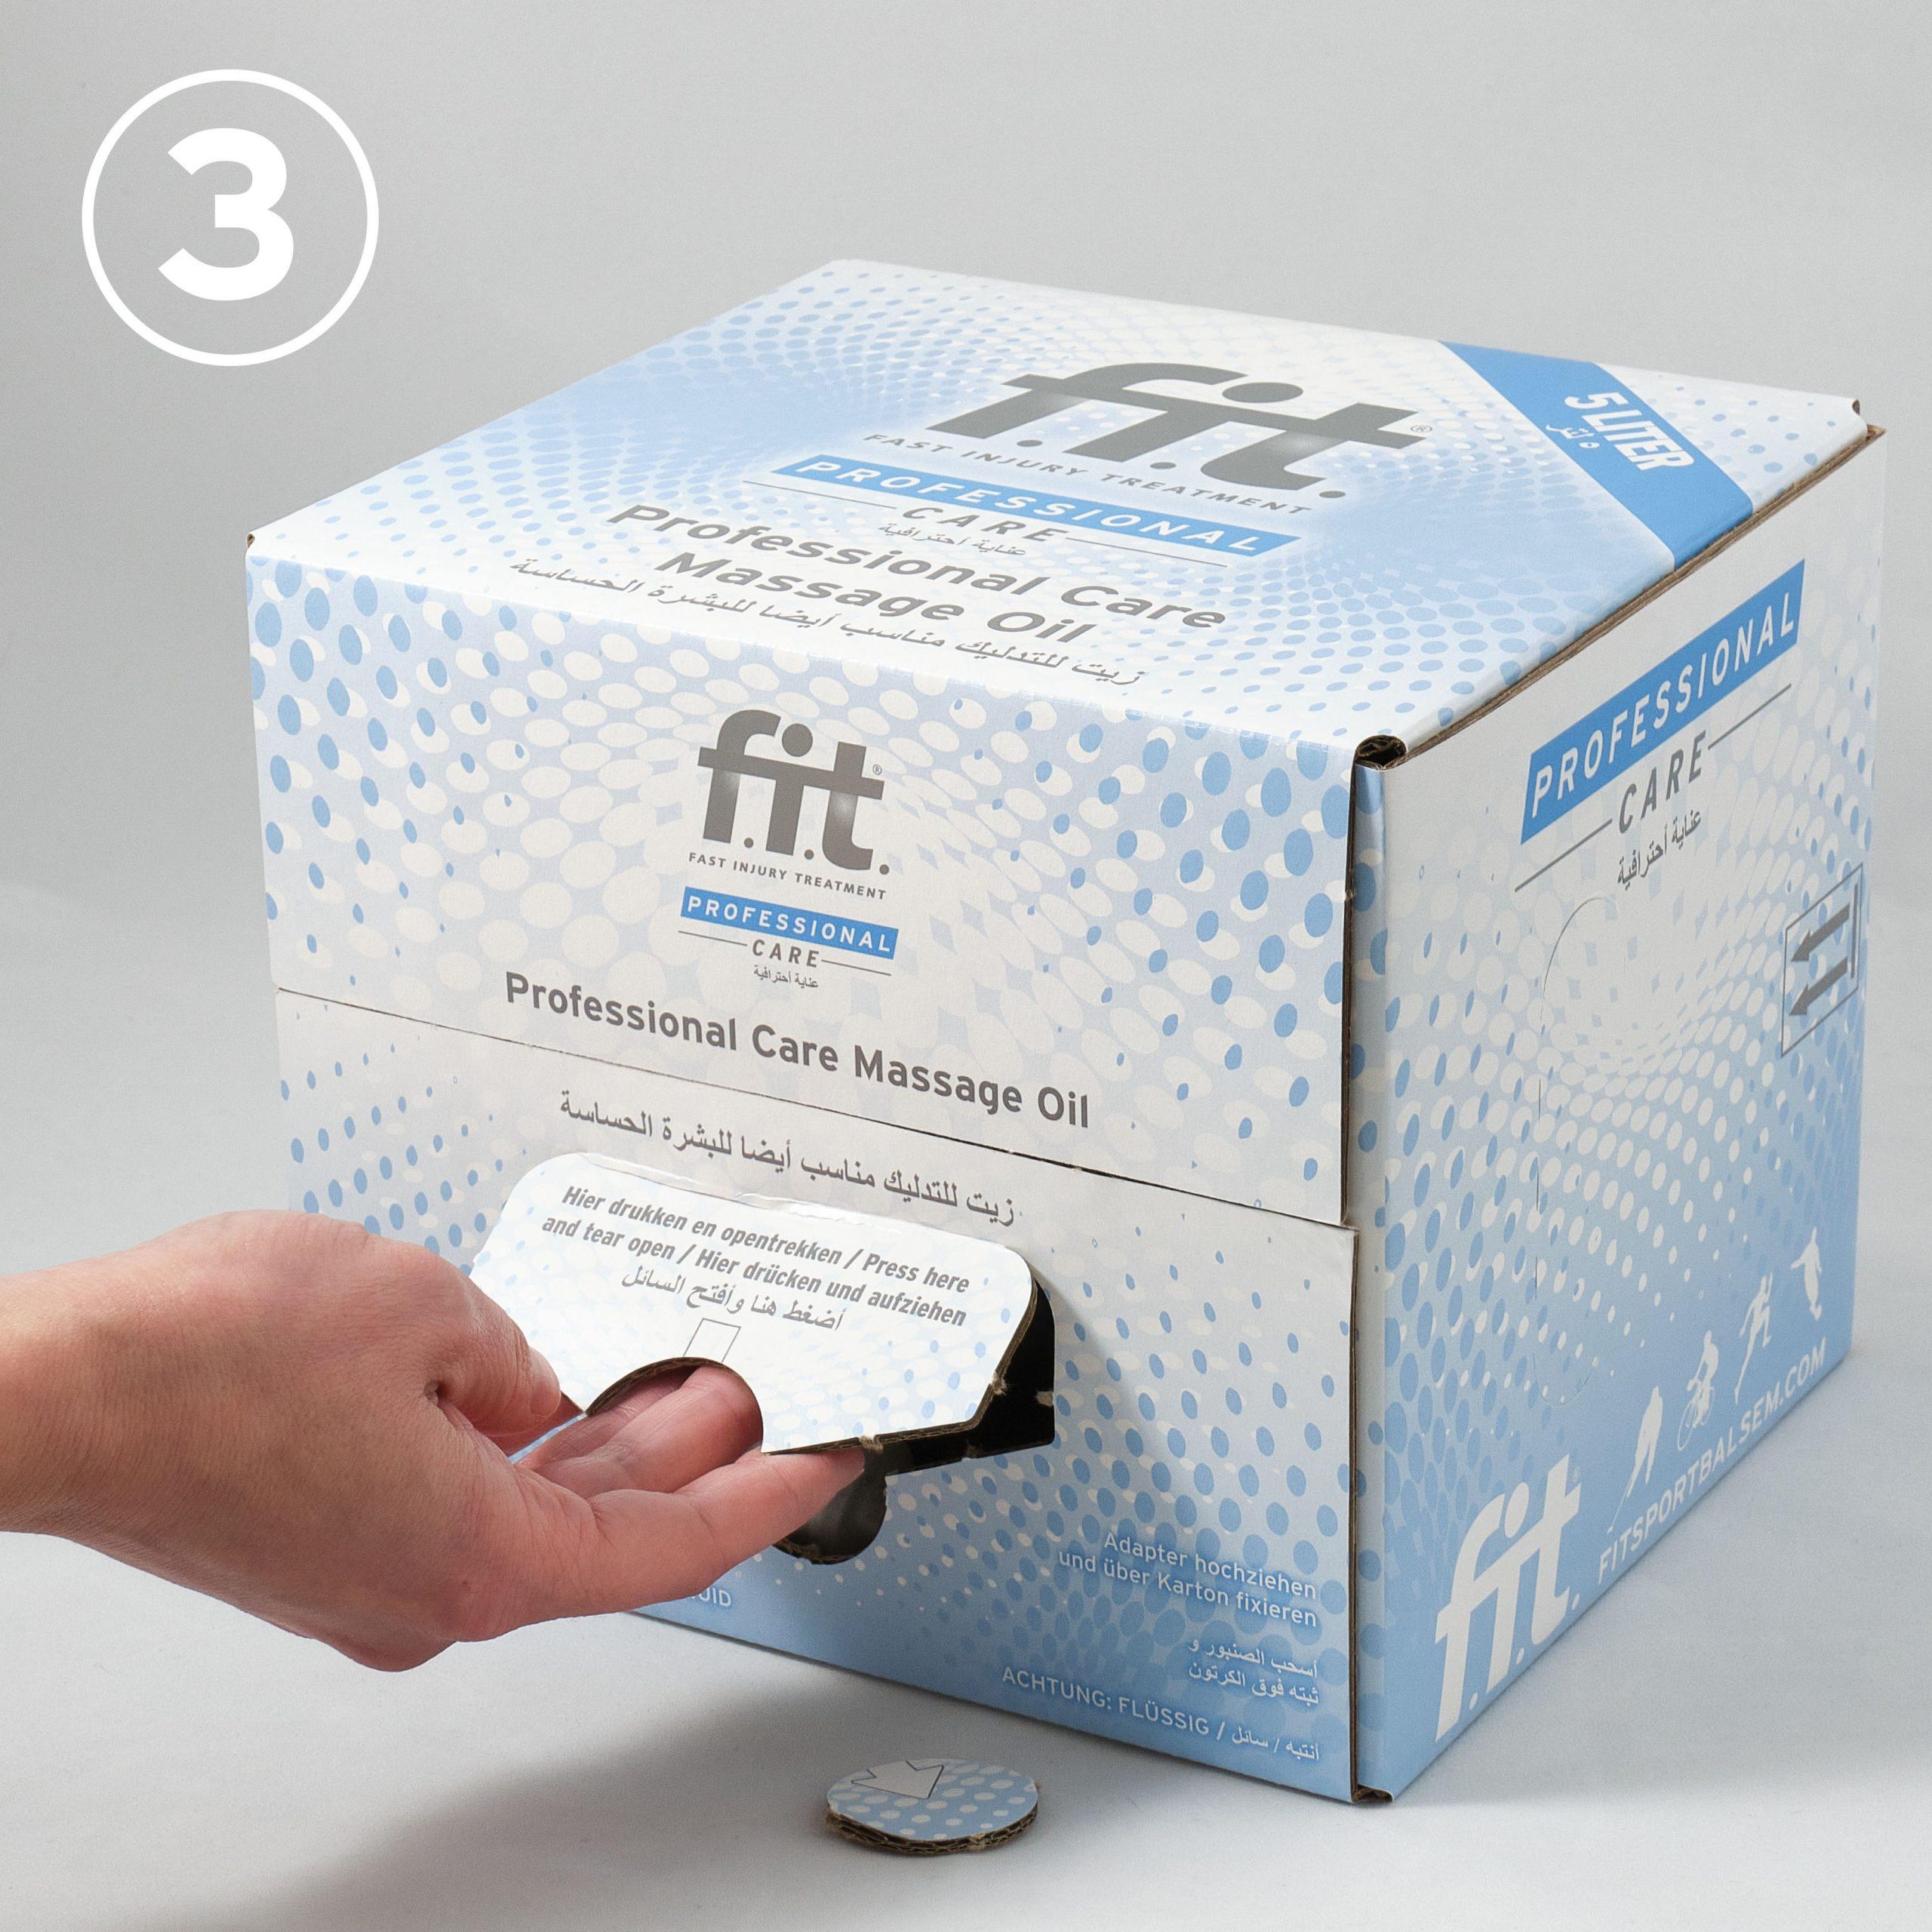 FIT Massageolie 5 liter gebruiksaanwijzing 3